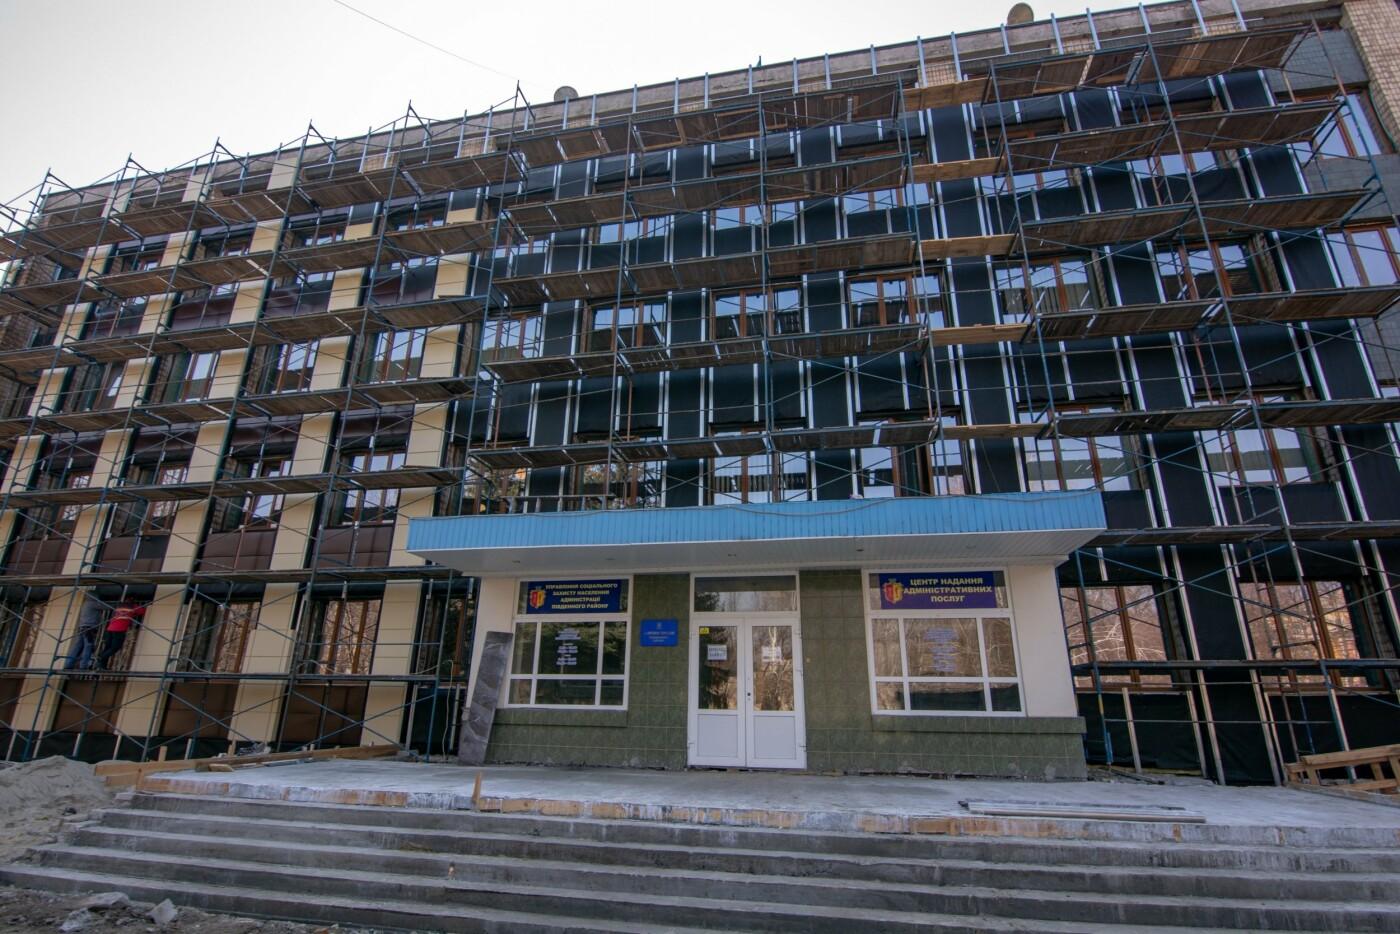 ЦПАУ Южного района в Каменском: «Прозрачный офис», современный ремонт, детская площадка и фонтан, фото-5